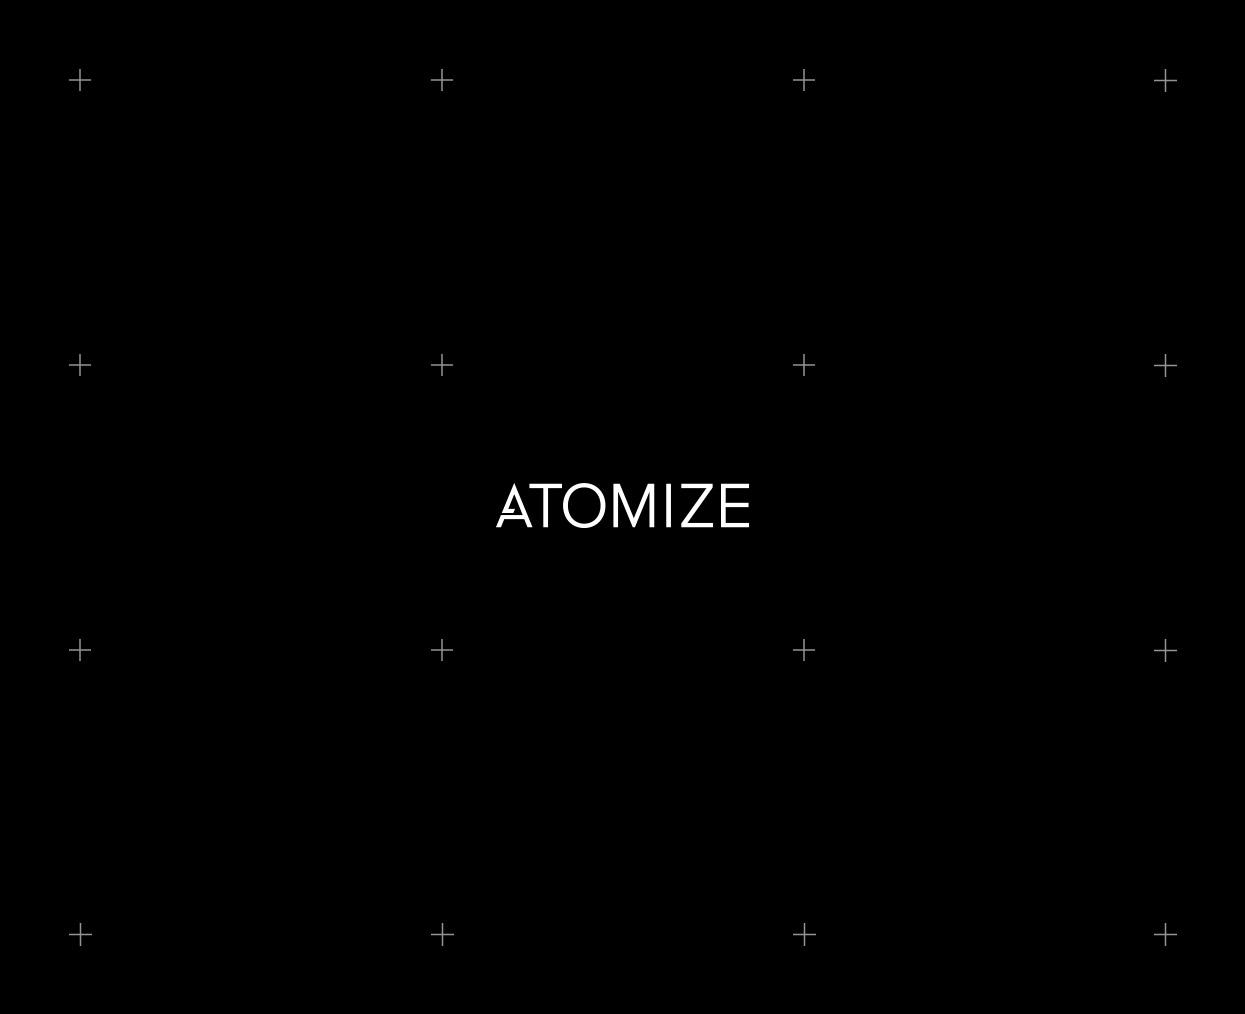 Atomize_830x66